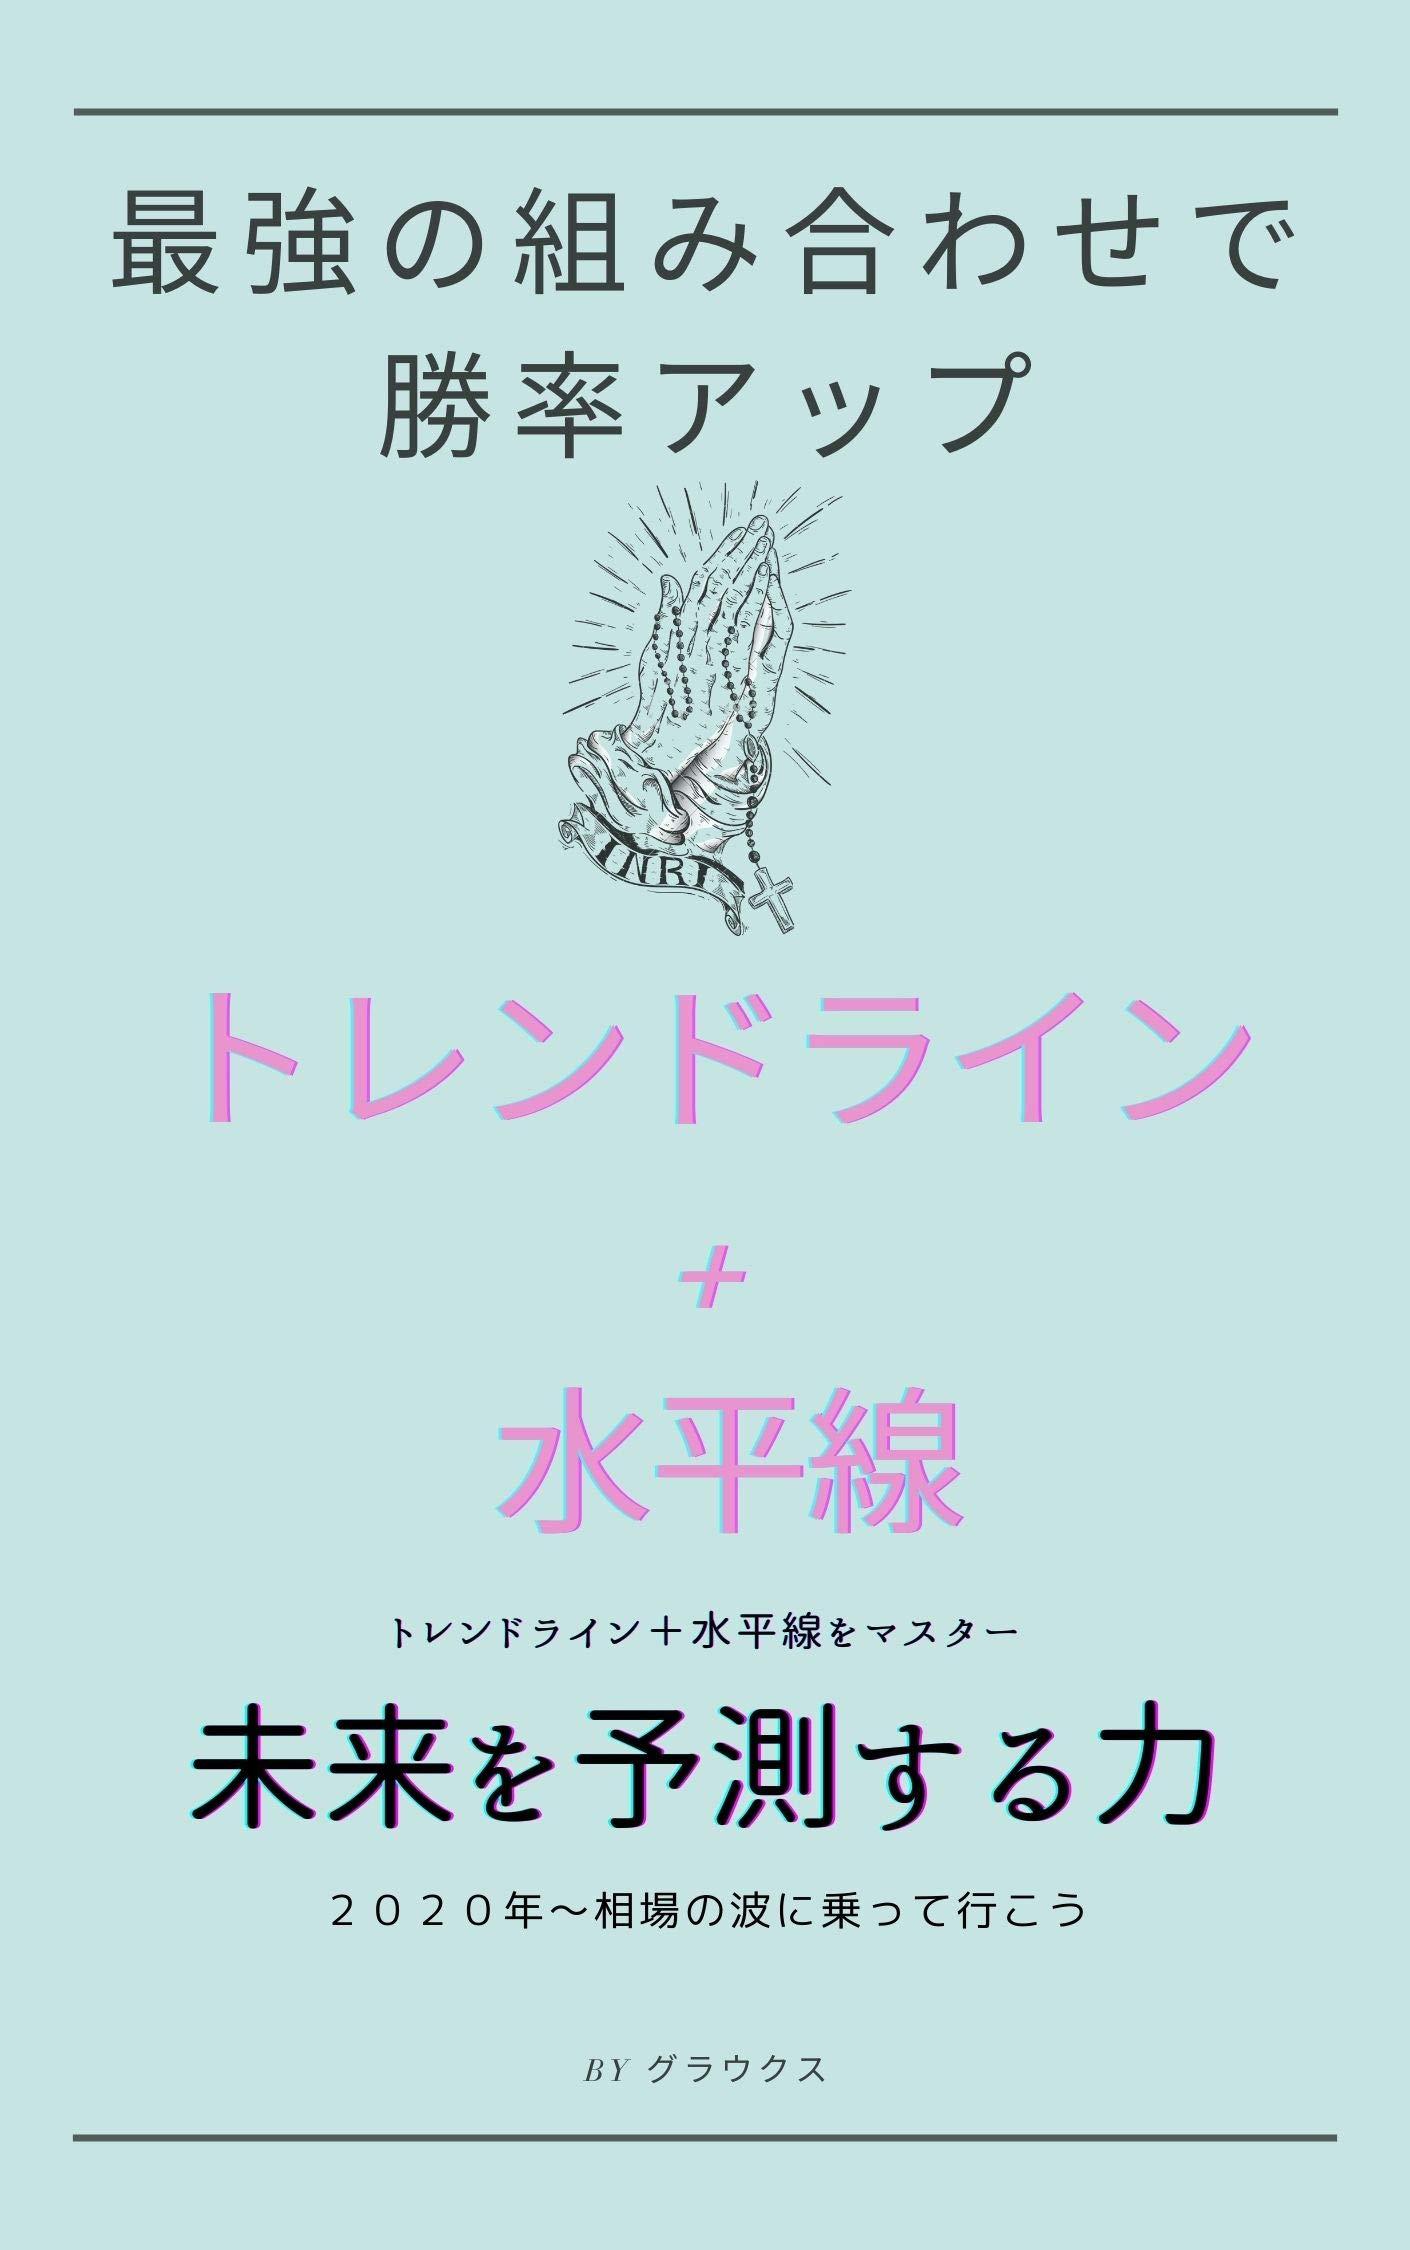 saikyounotorenndorainntosuiheisenntoredo: torenndorainntosuiheisenndenamininore (Japanese Edition)